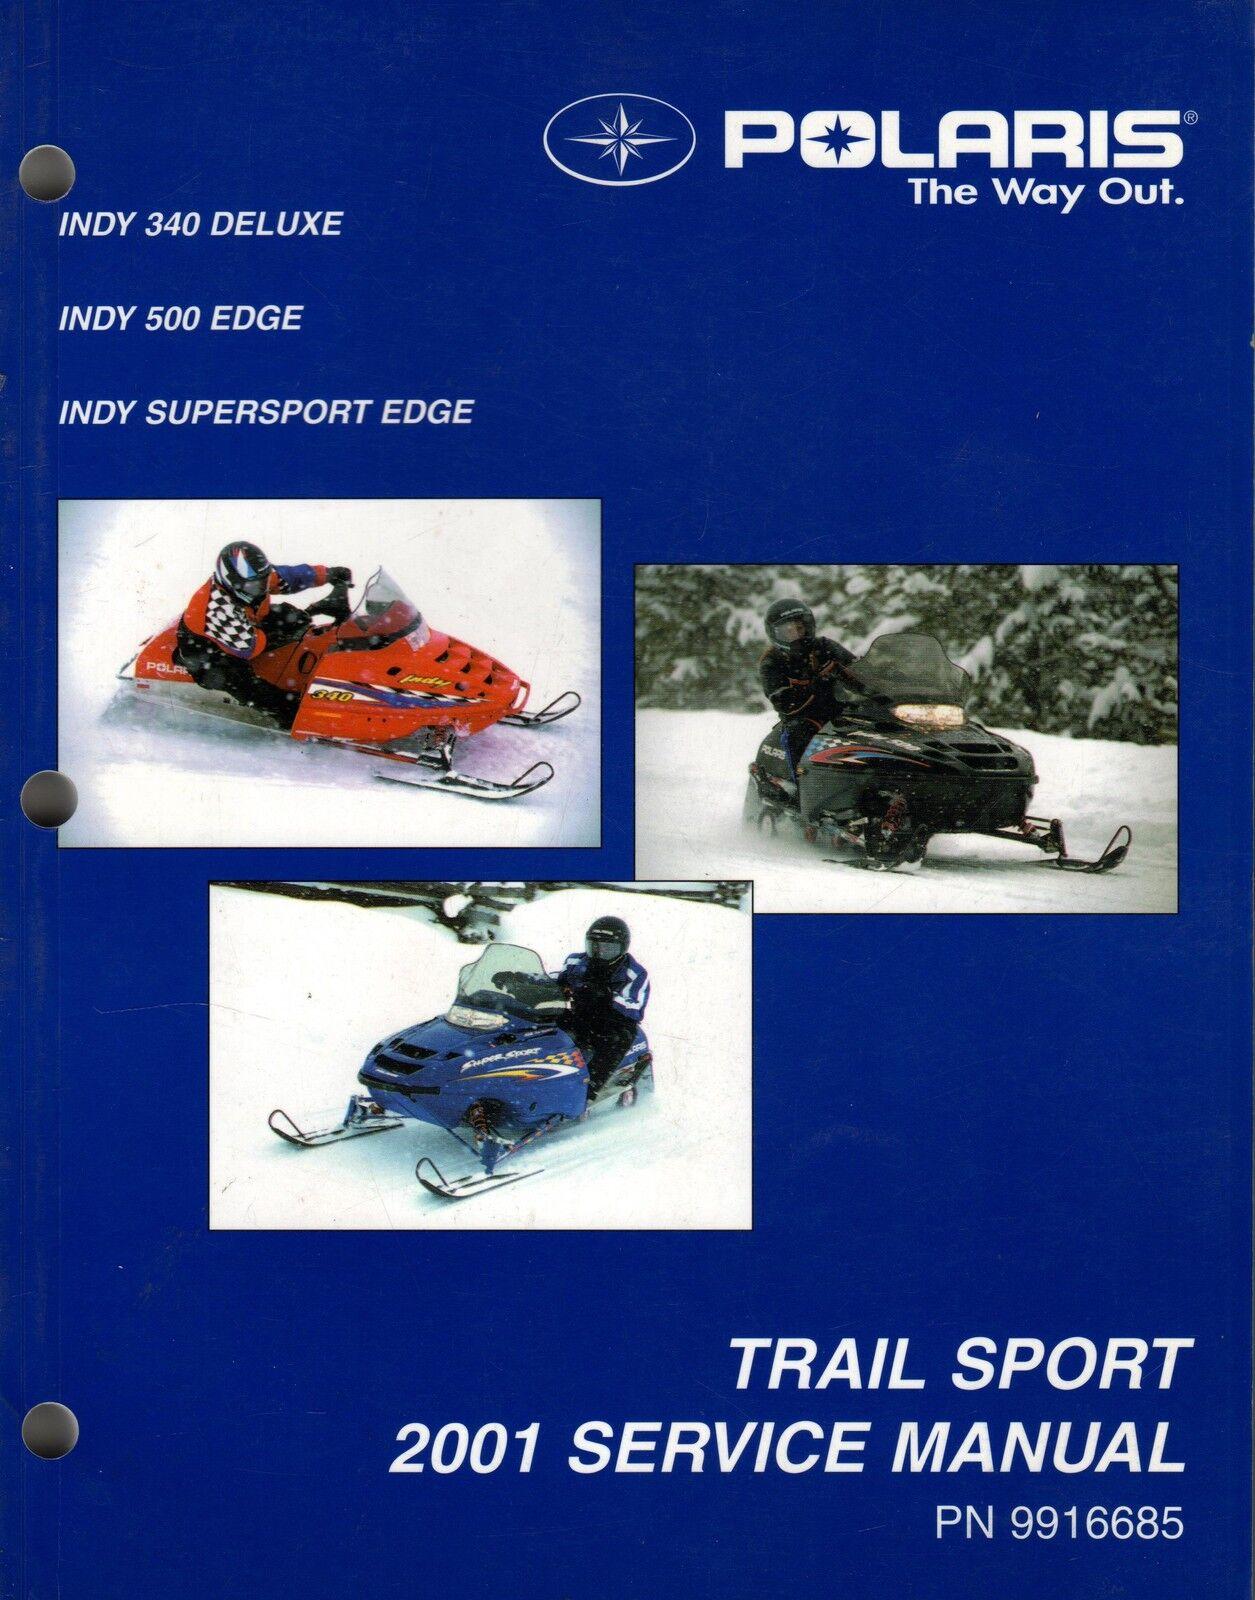 2001 POLARIS SNOWMOBILE TRAIL SPORT SERVICE MANUAL P N 9916685 (381)